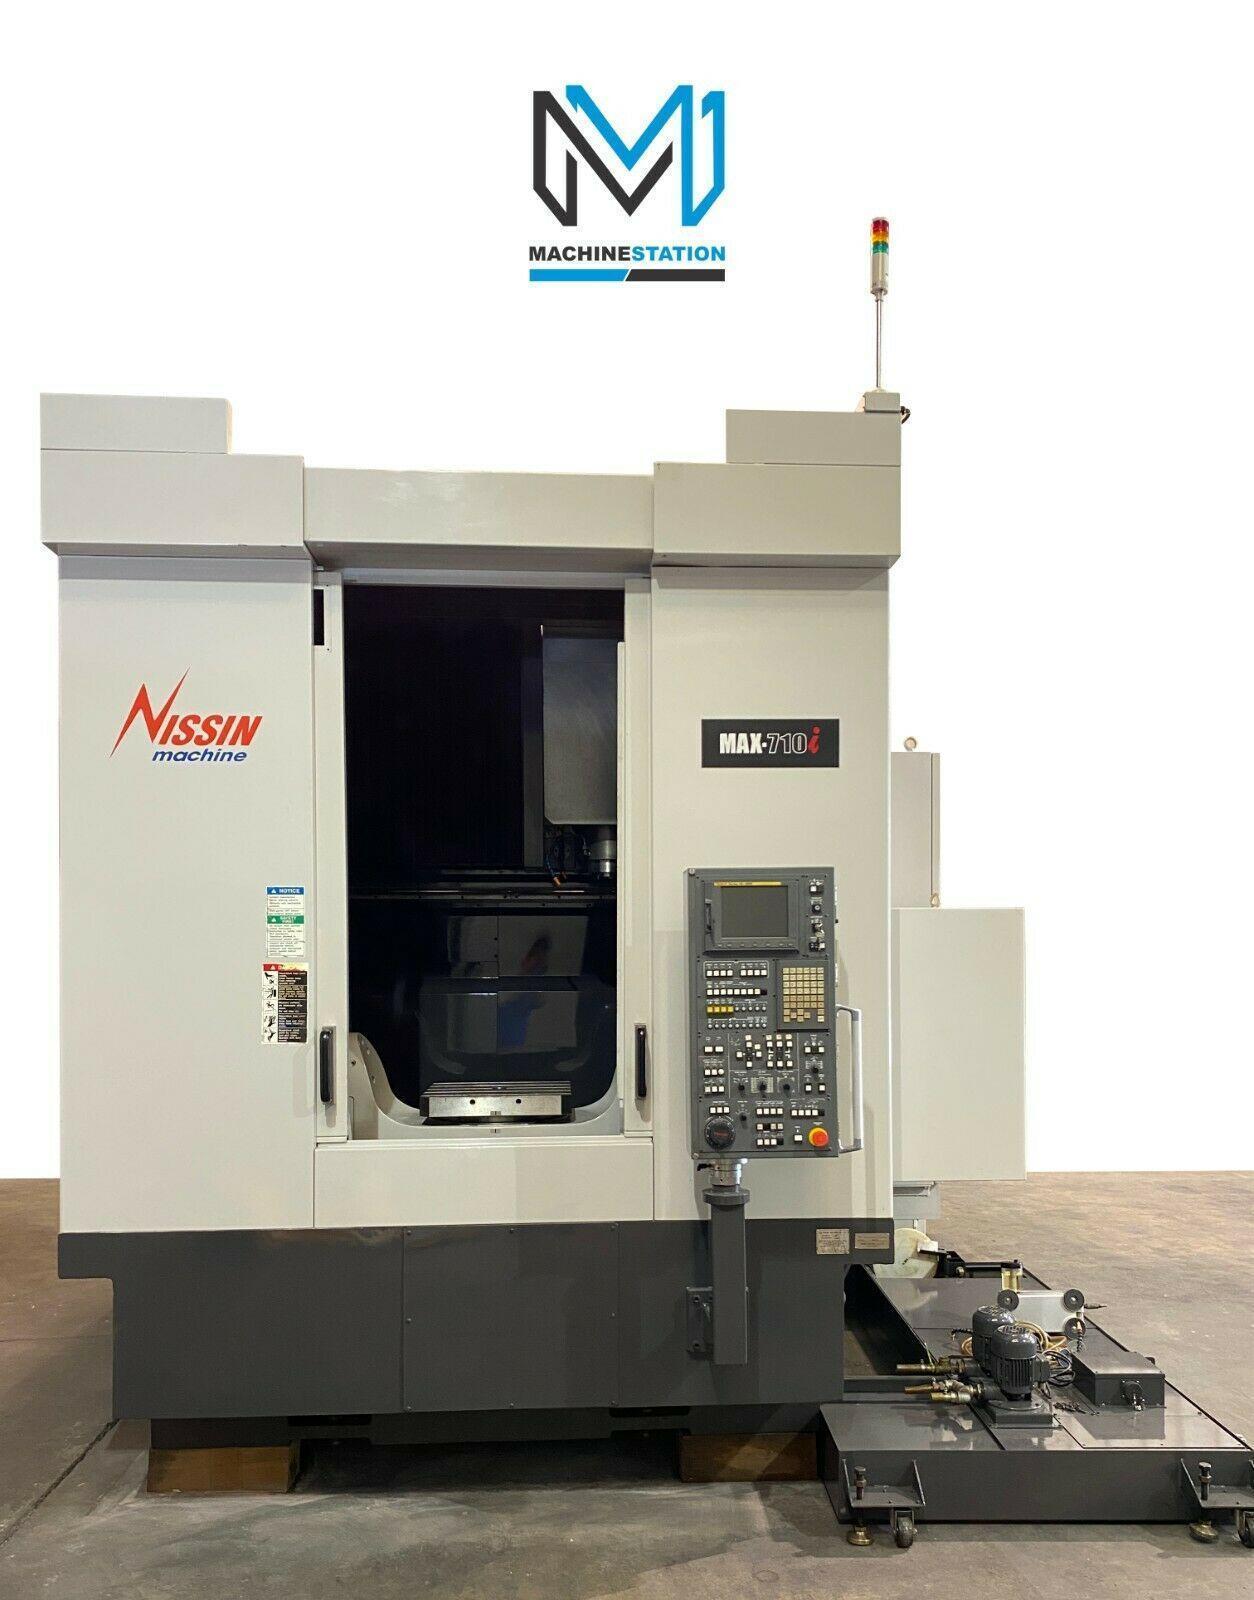 SNK NISSIN MAX-710i 5 AXIS CNC MILL